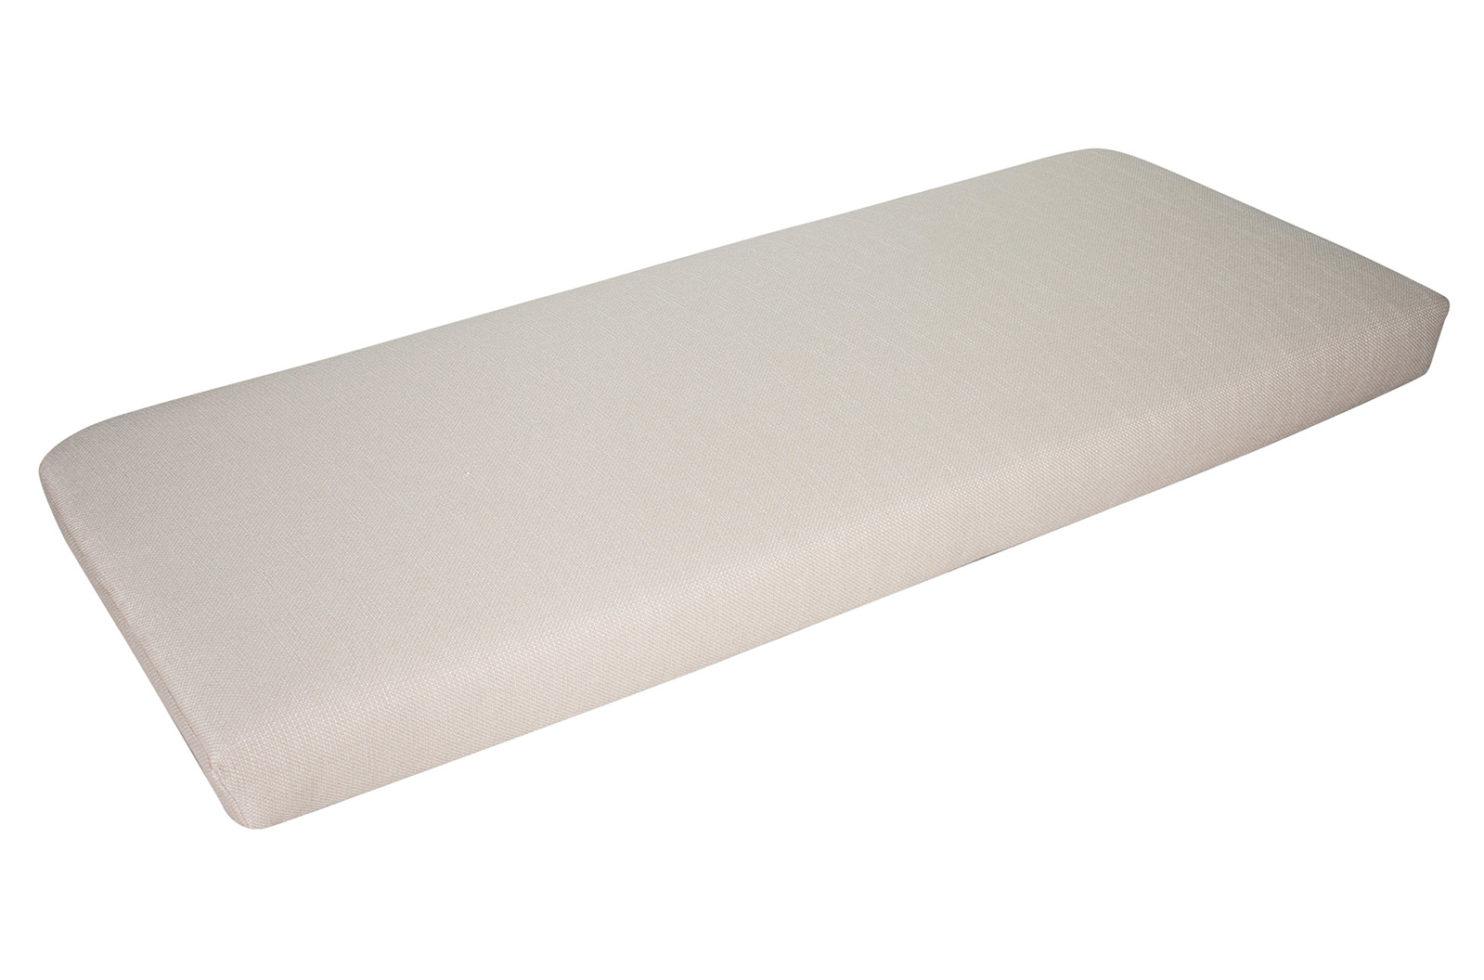 Archipelago andaman sofa 620FT066P2LGT dtl1